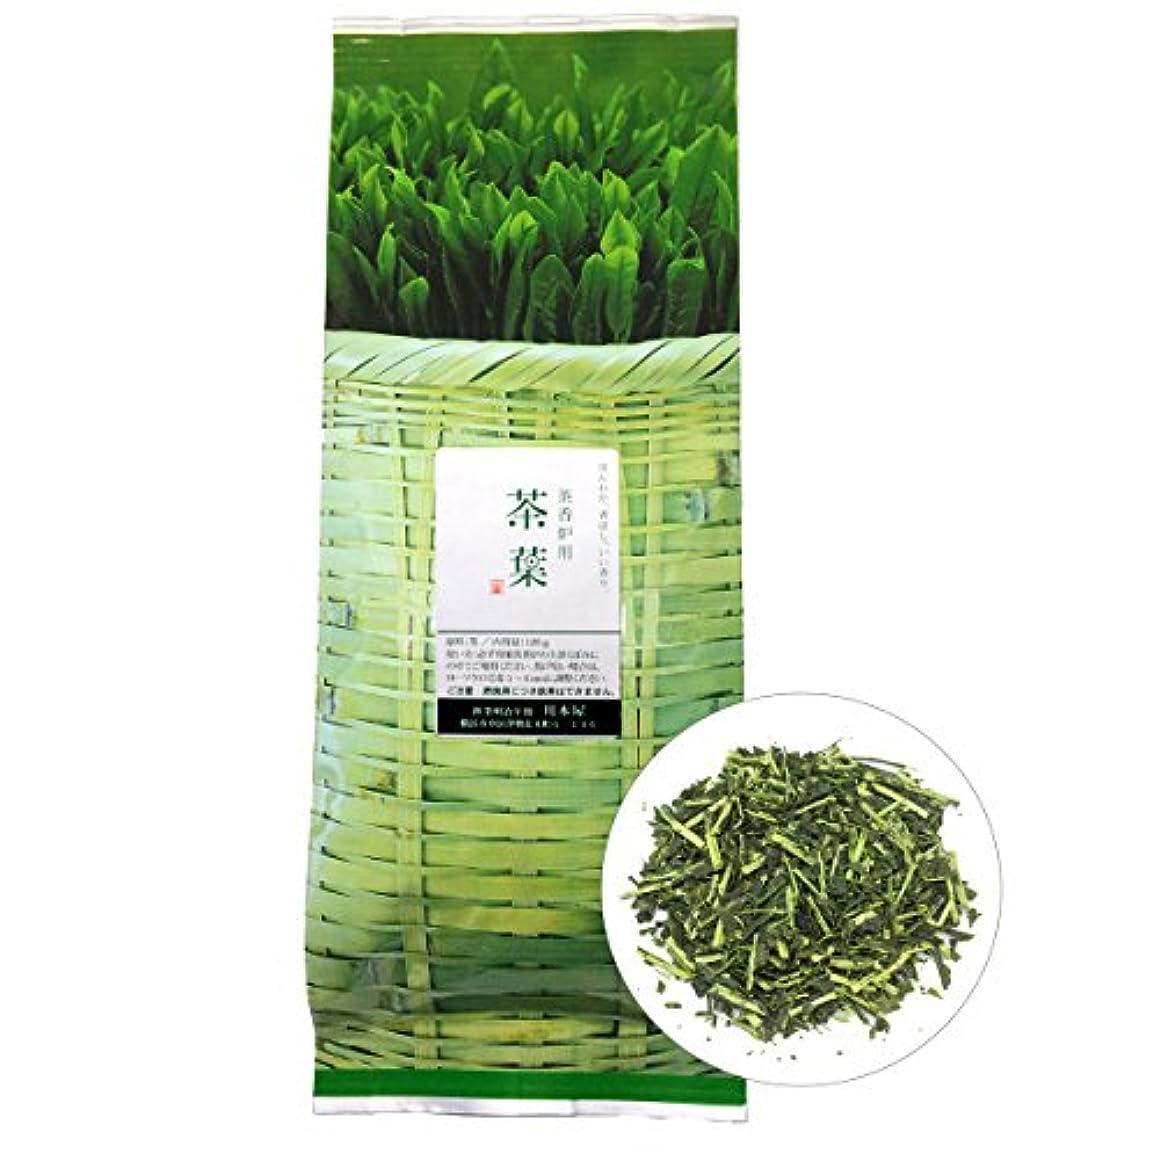 影のあるしおれた人里離れた国産 茶香炉専用 茶葉110g (1袋) 川本屋茶舗